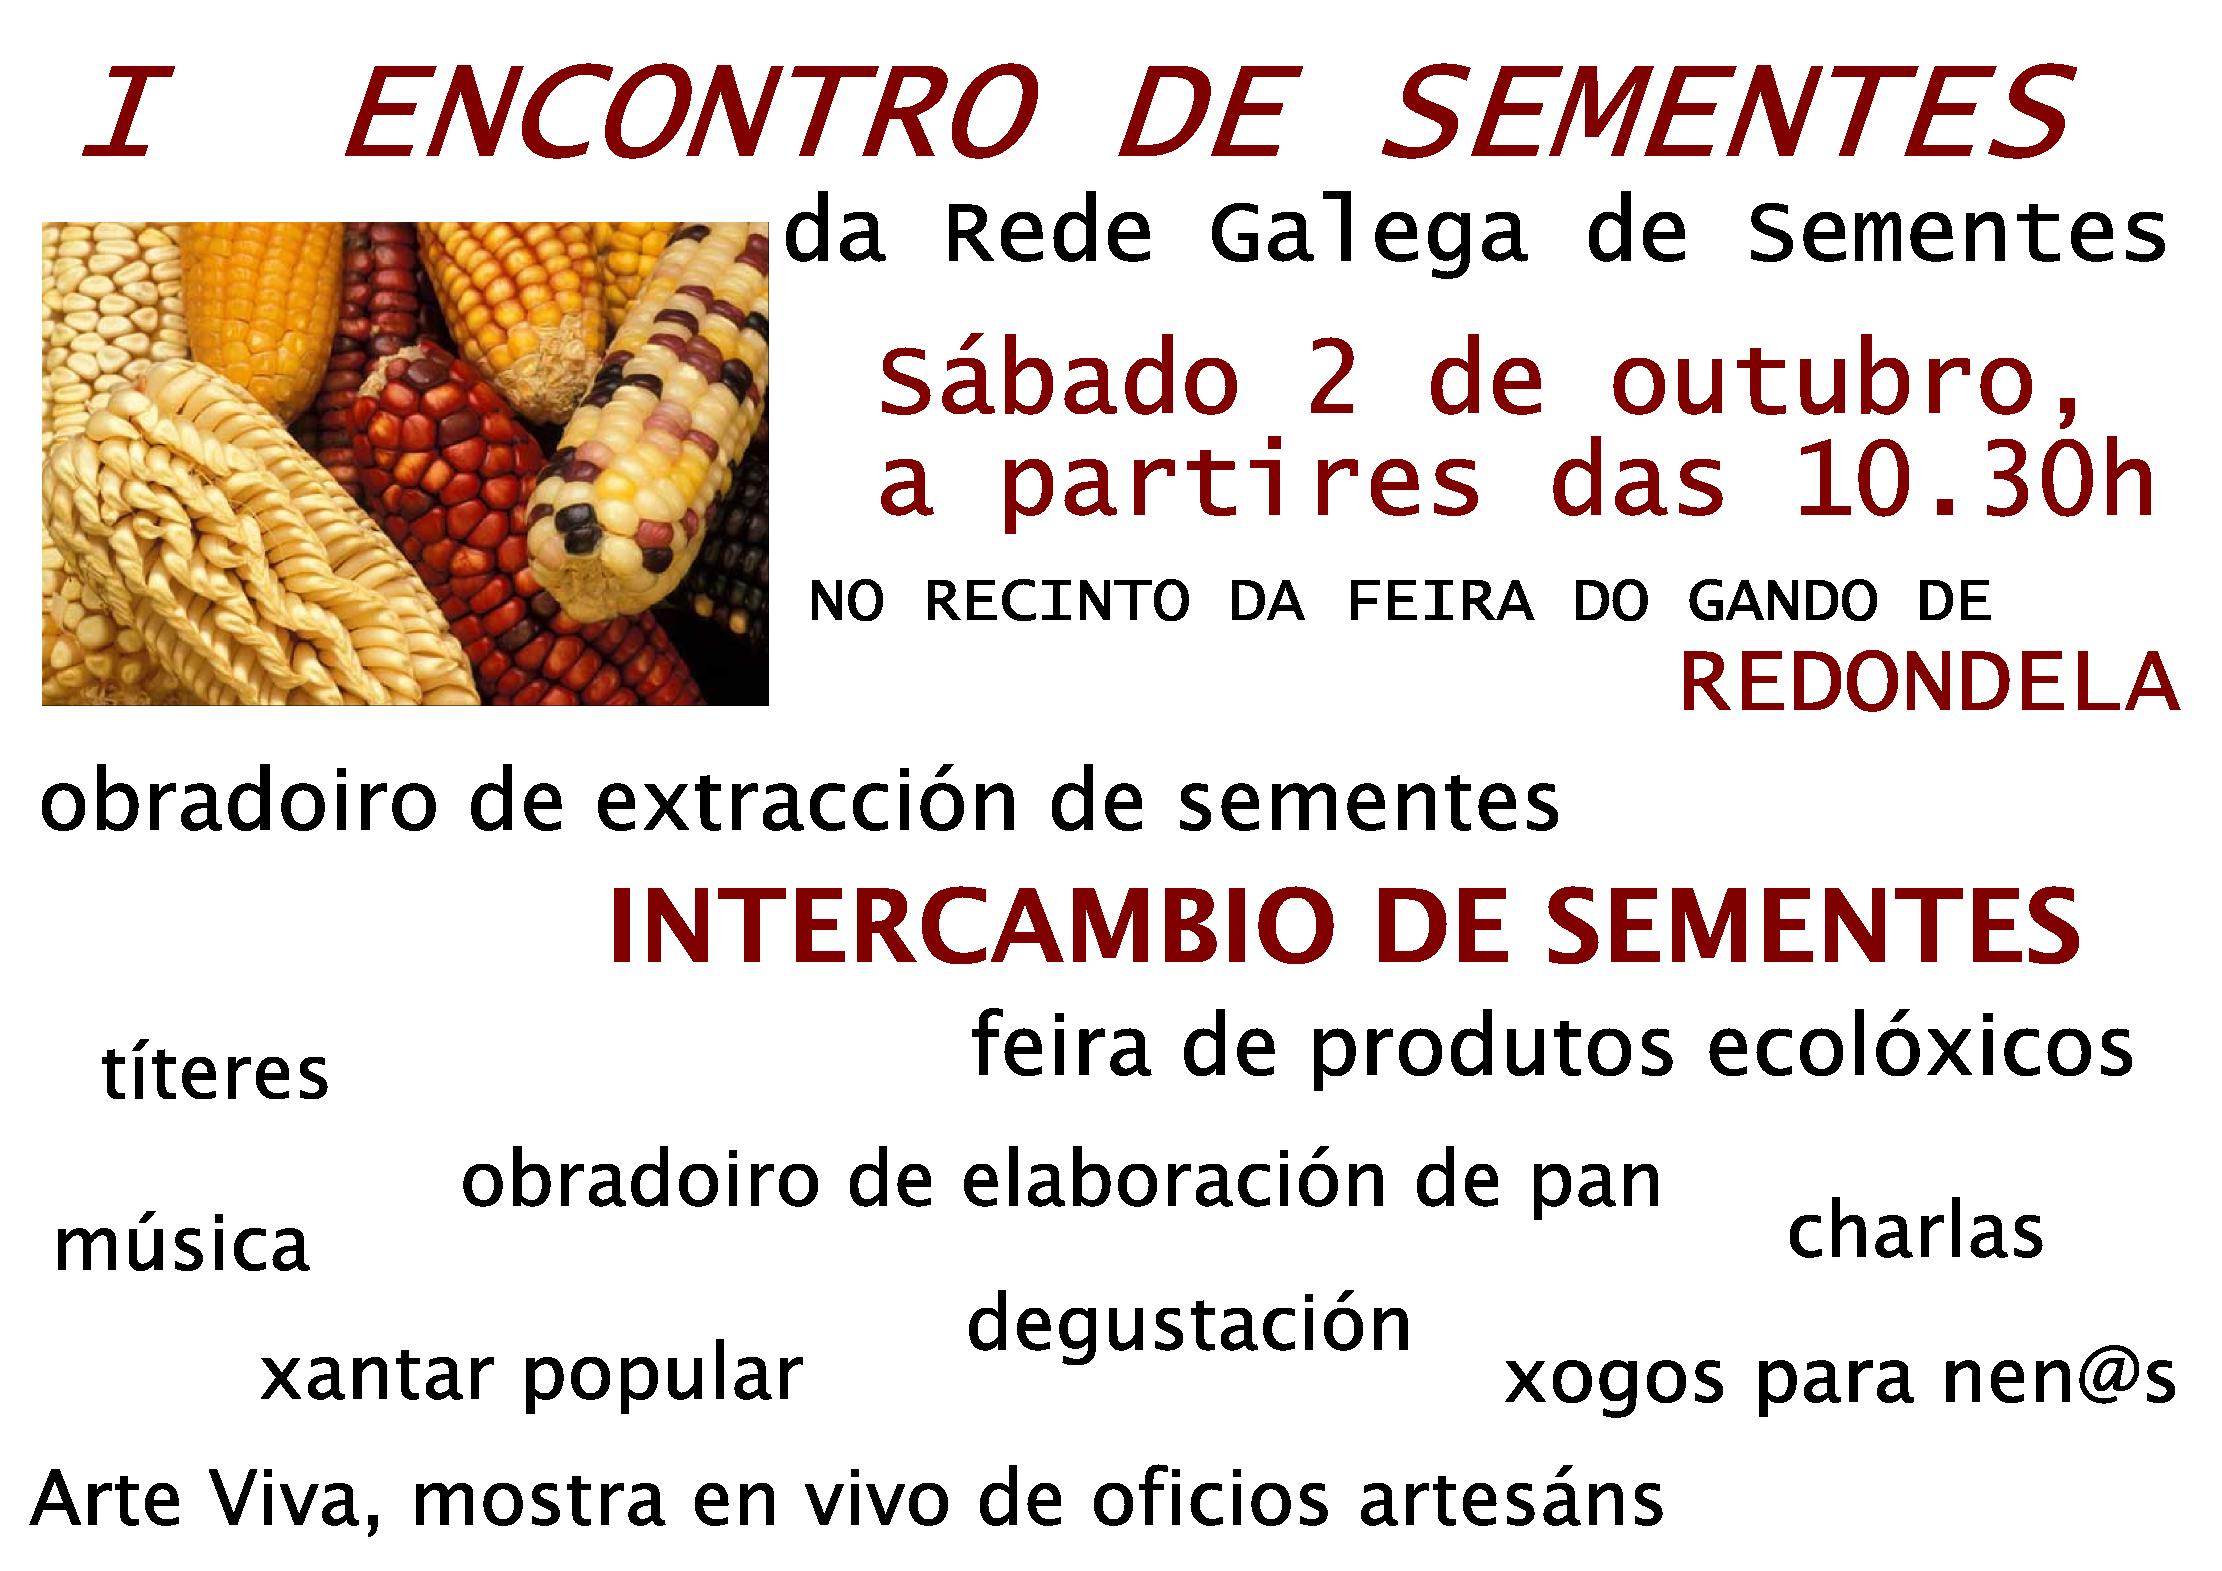 sementeira2.png